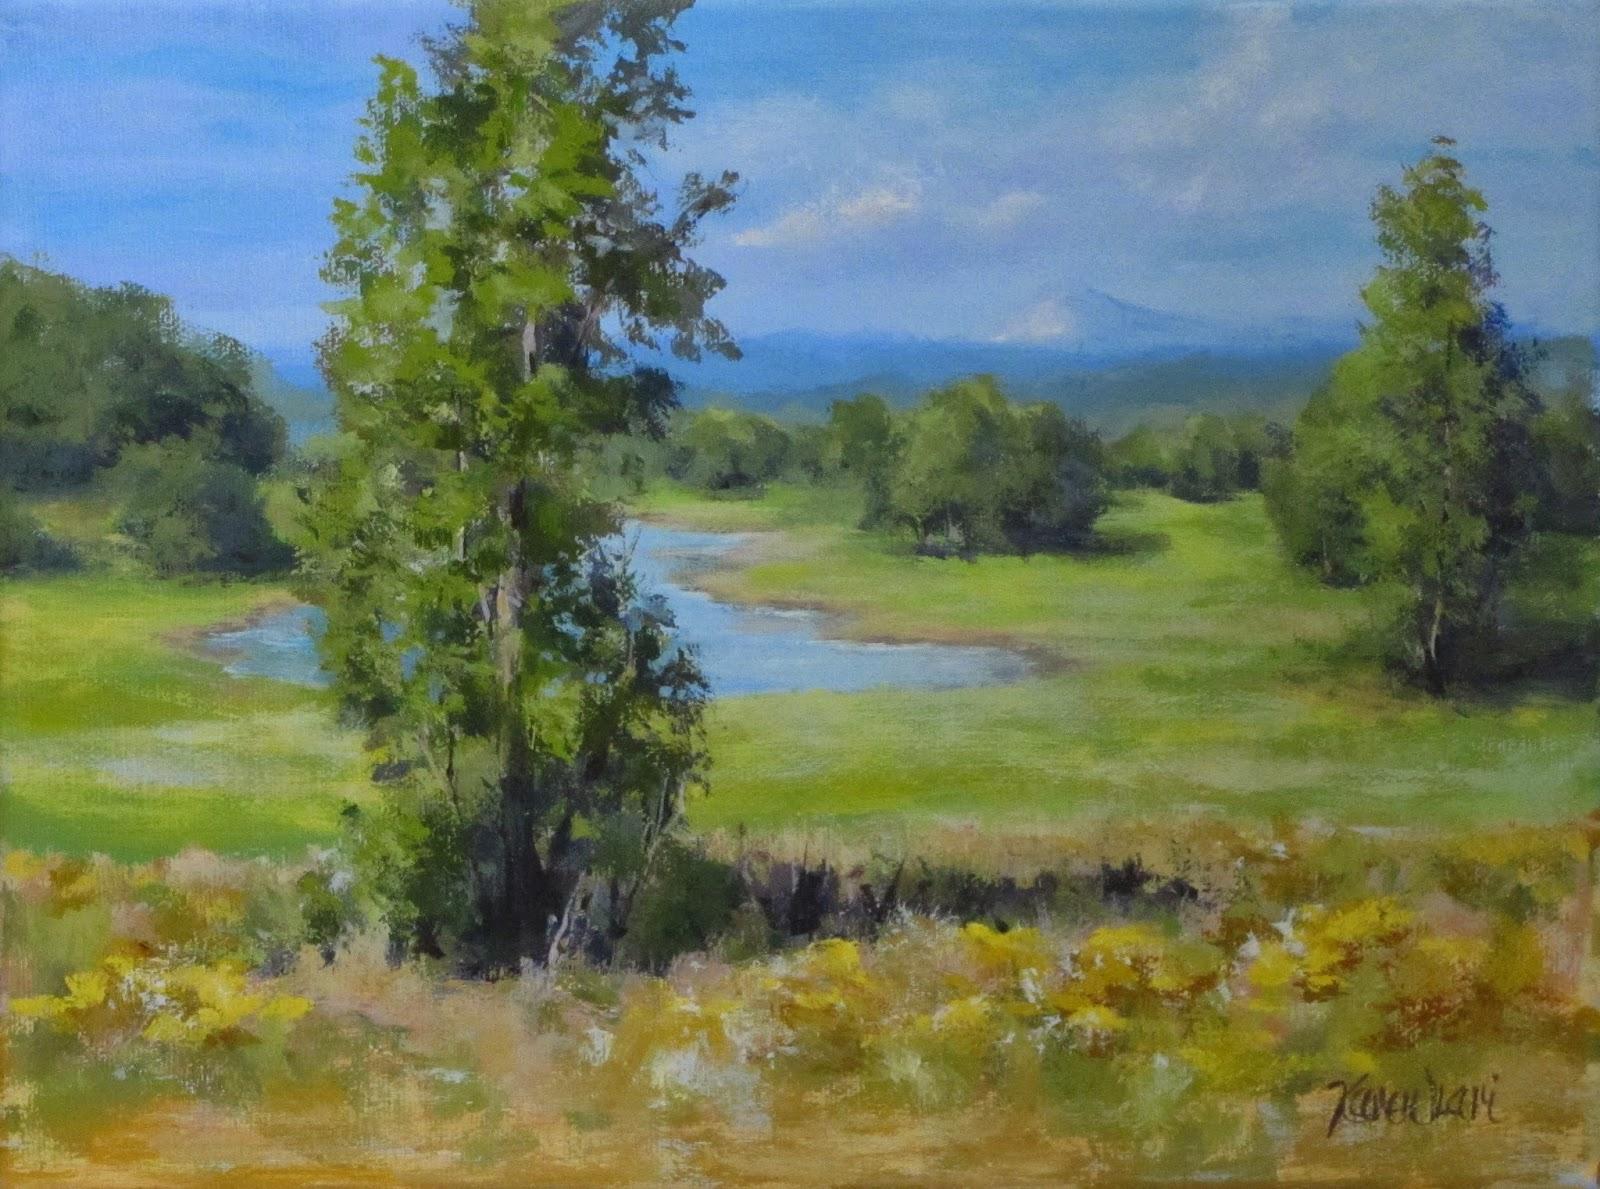 Karen Ilari Painting QuotSummer Pondquot An Acrylic Landscape Painting